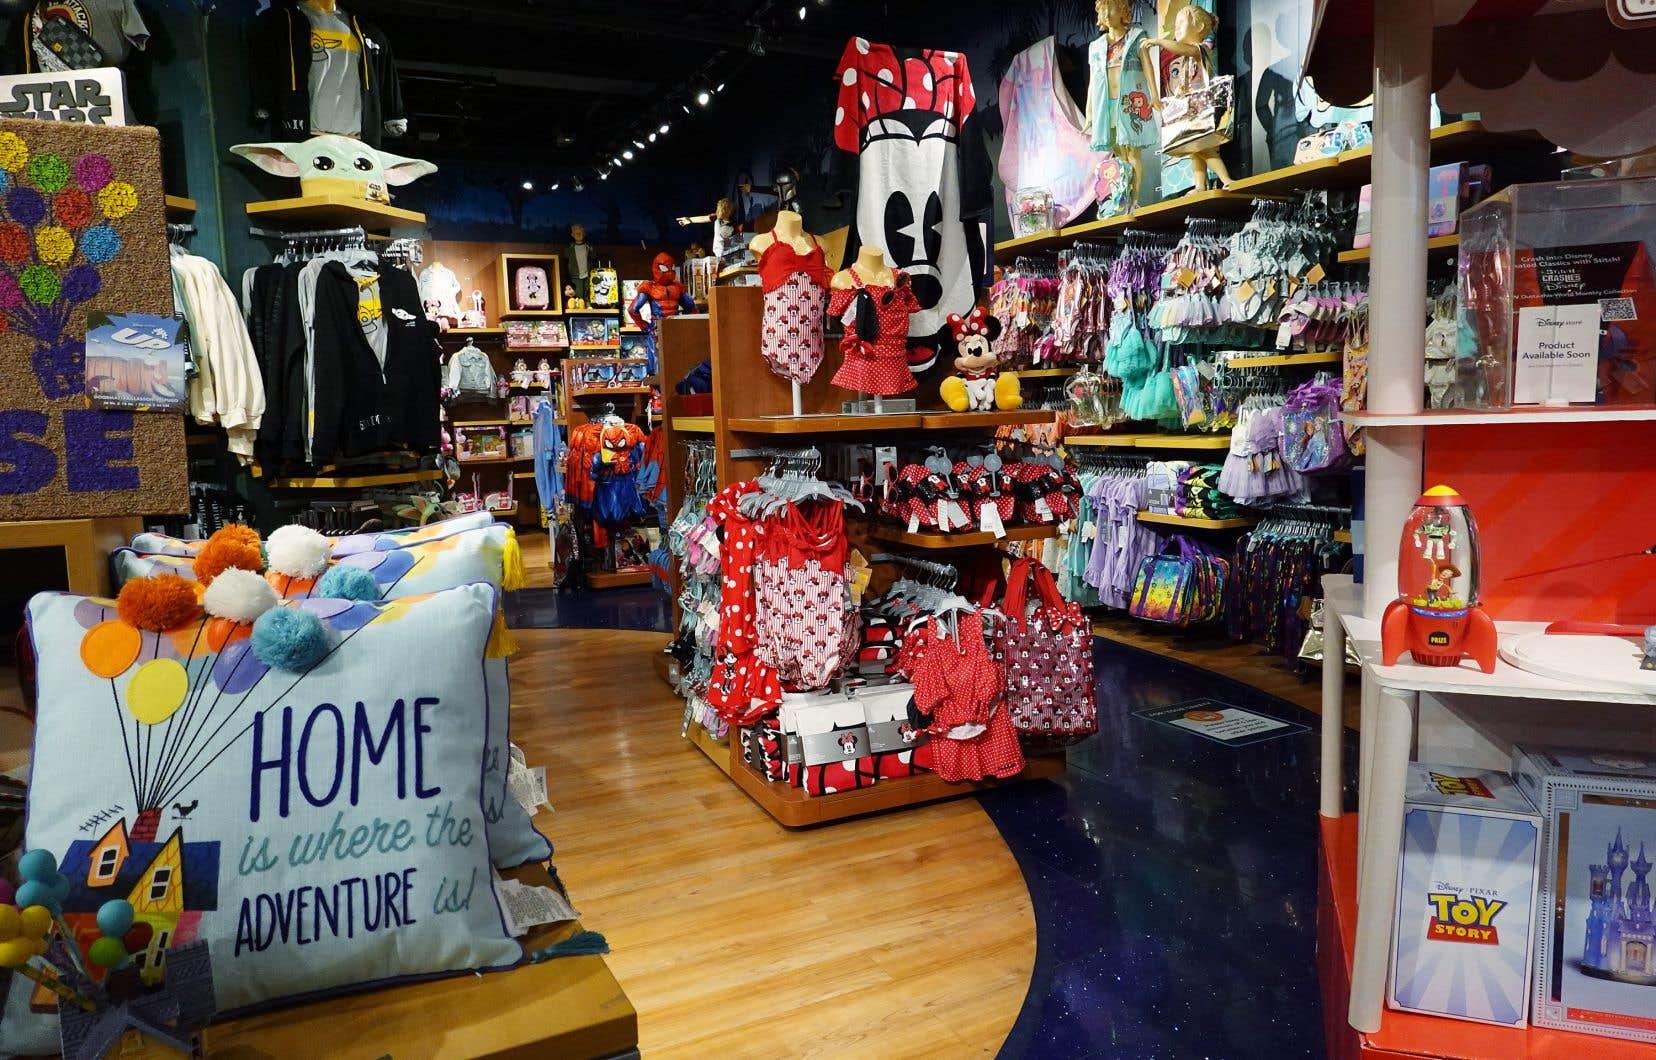 L'entreprise de divertissement a annoncé la fermeture d'au moins 60 magasins en Amérique du Nord, y compris la plupart de ses magasins au Canada.